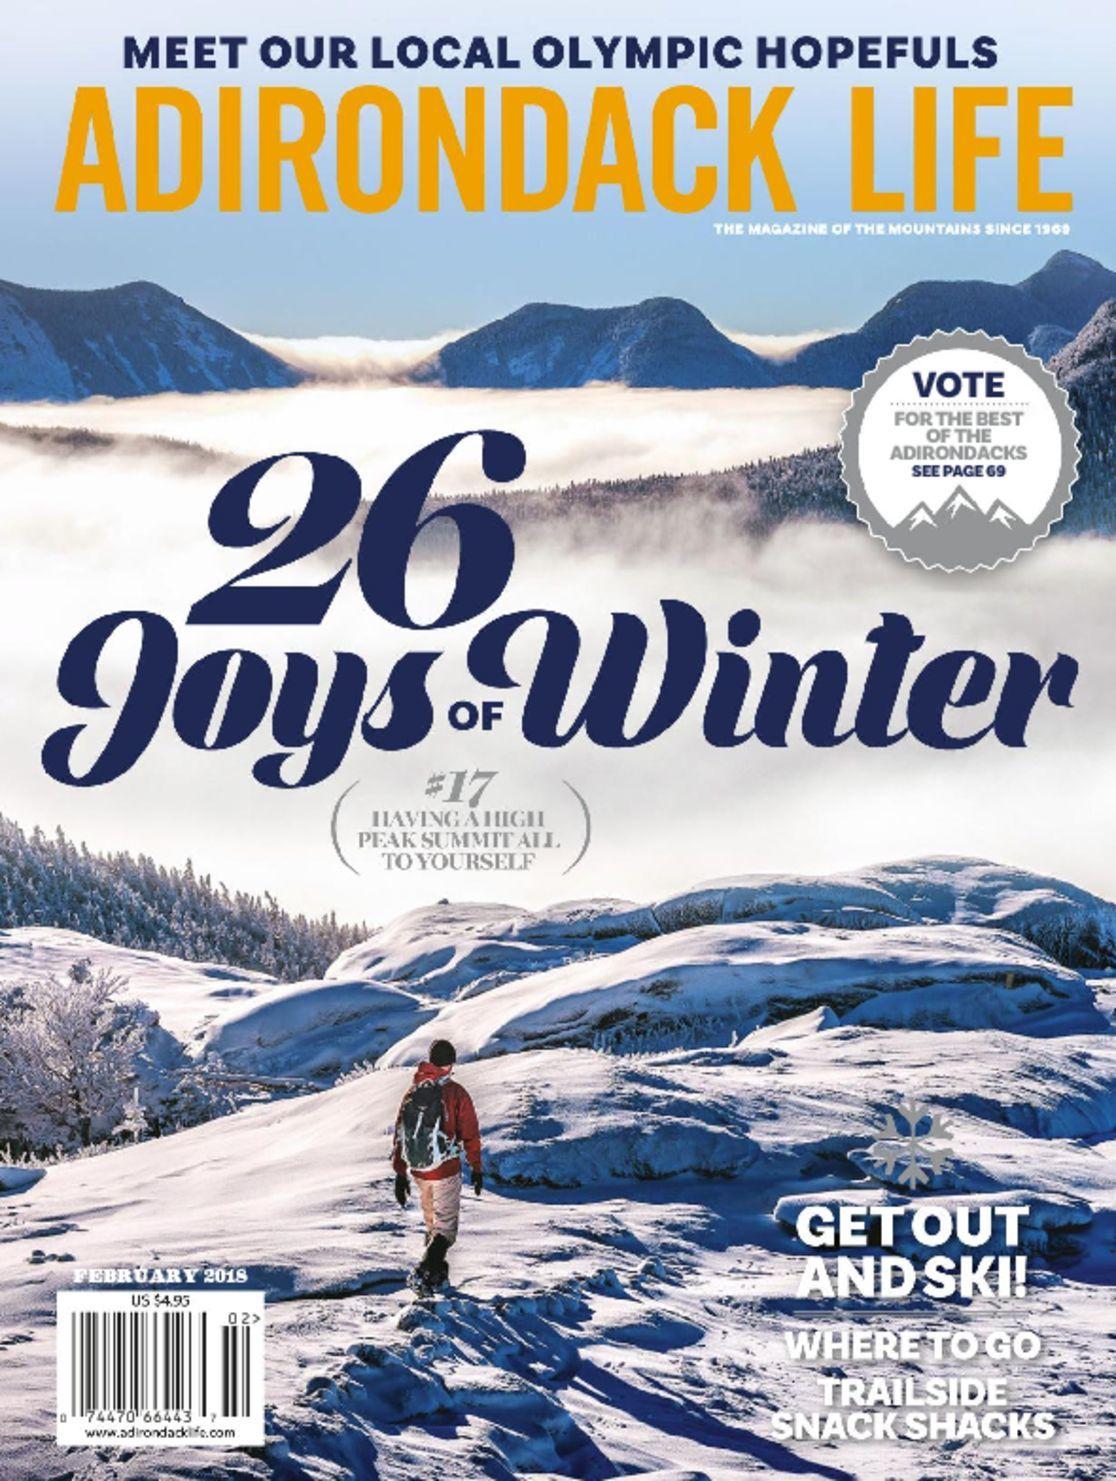 Adirondack Life Magazine Subscription